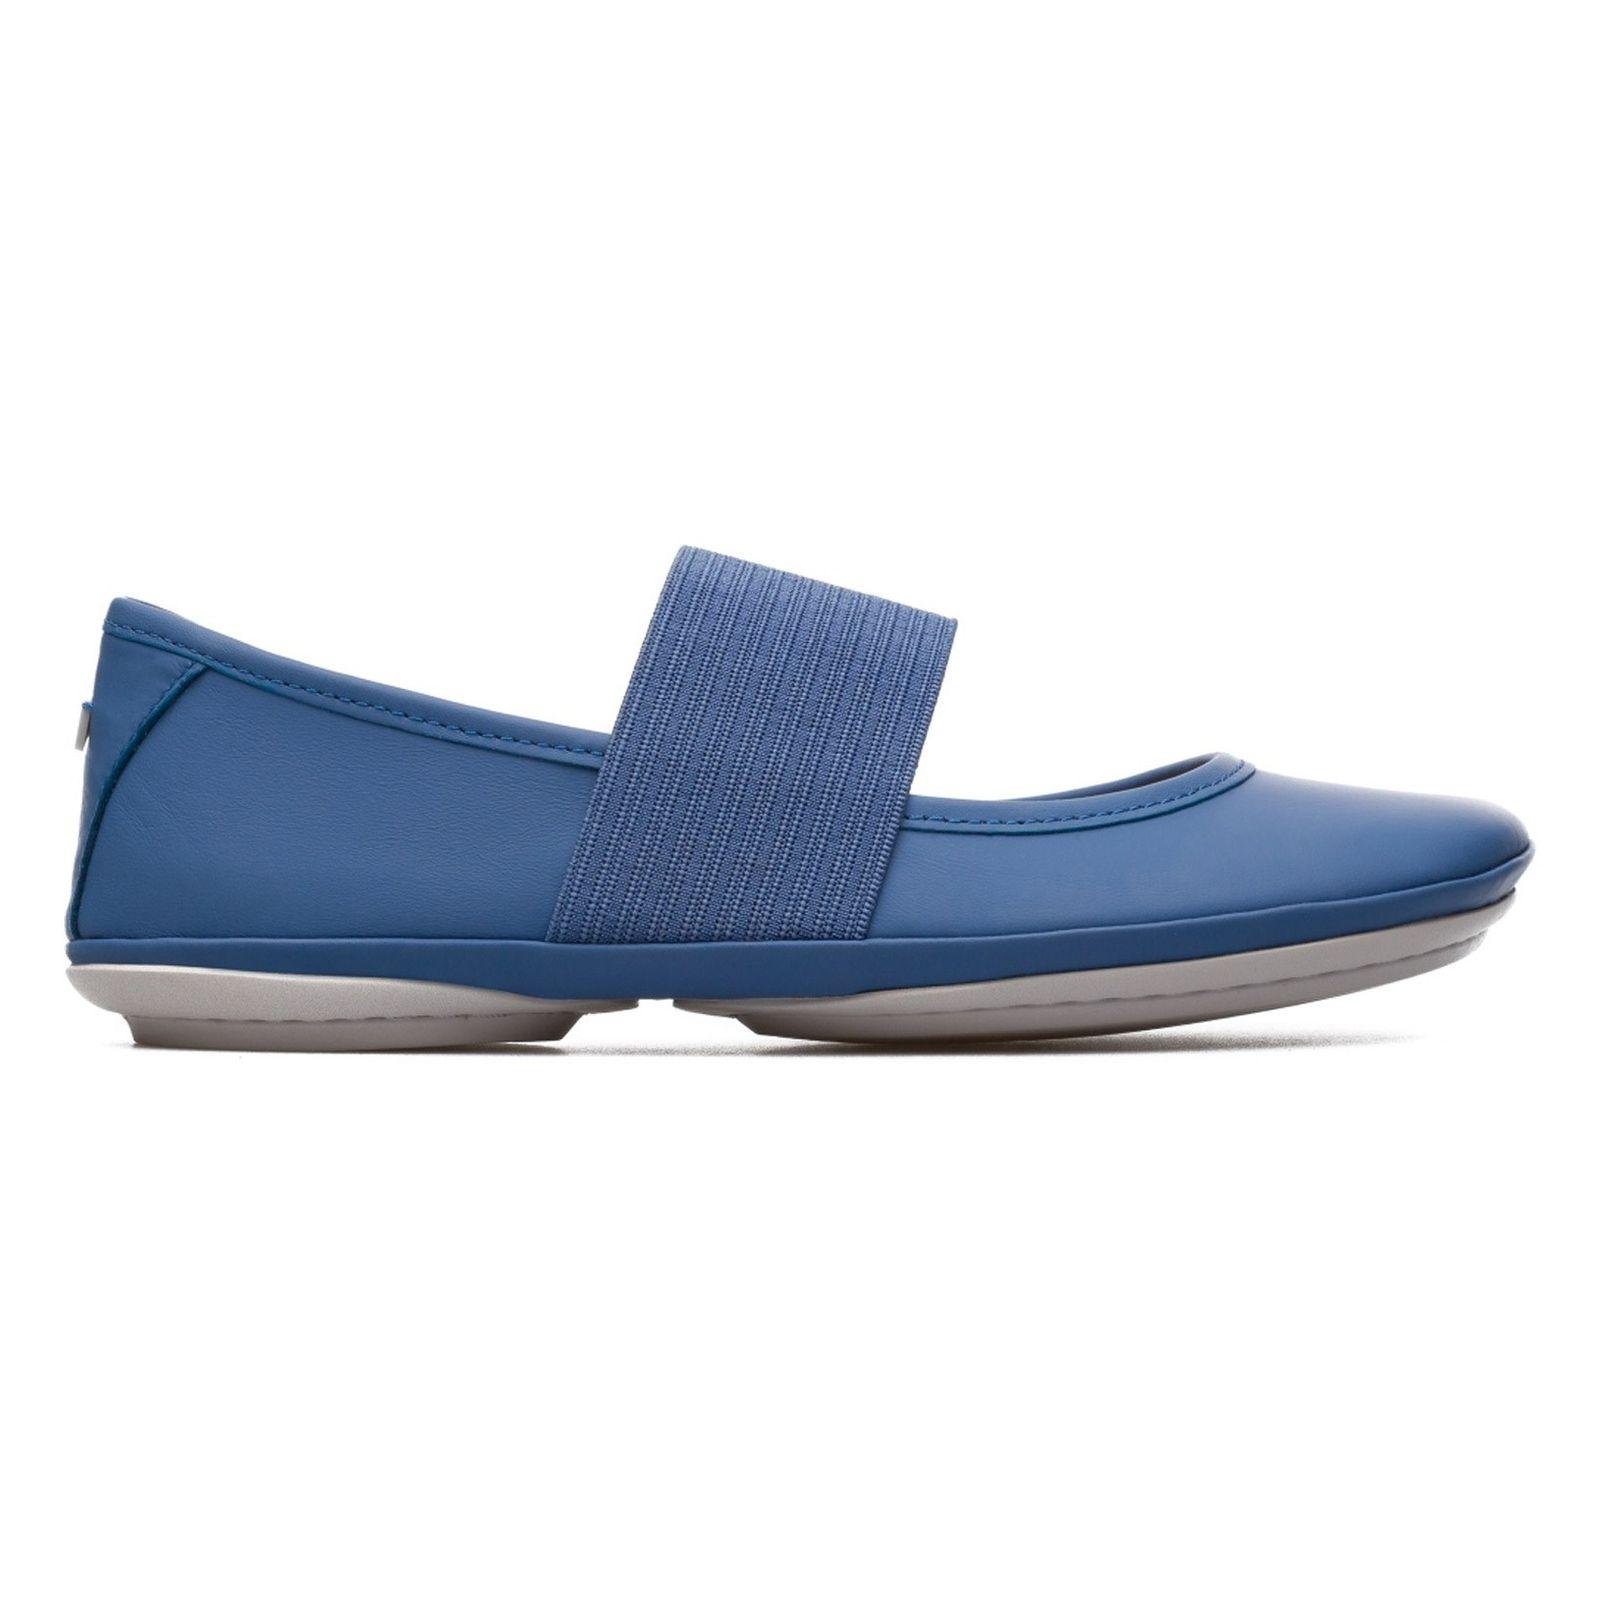 کفش تخت چرم زنانه - کمپر - آبي - 1